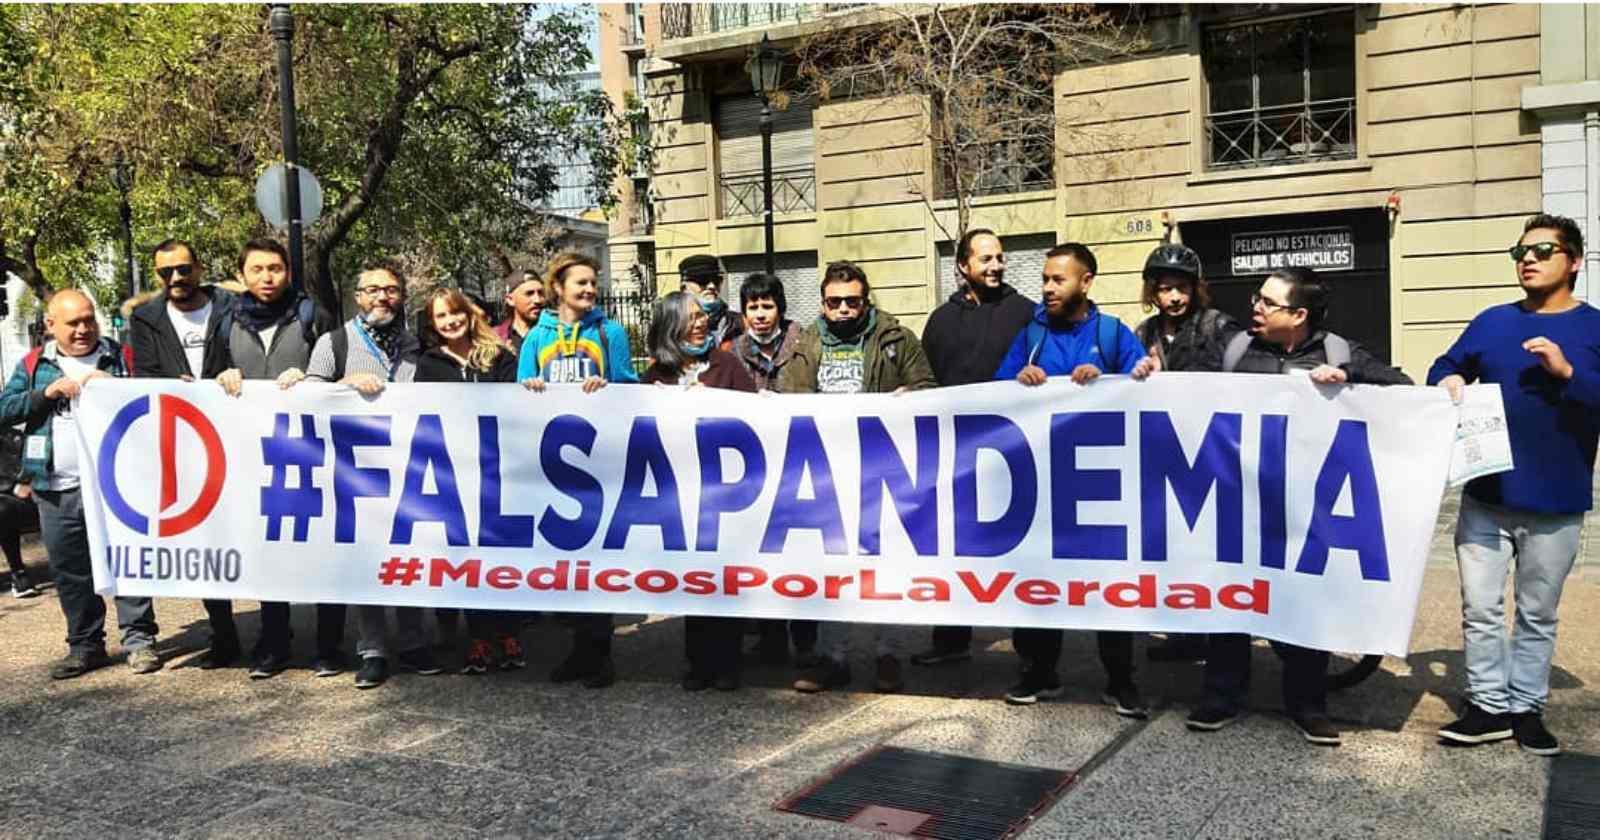 Chequeo: las afirmaciones falsas de Chile Digno negando el coronavirus